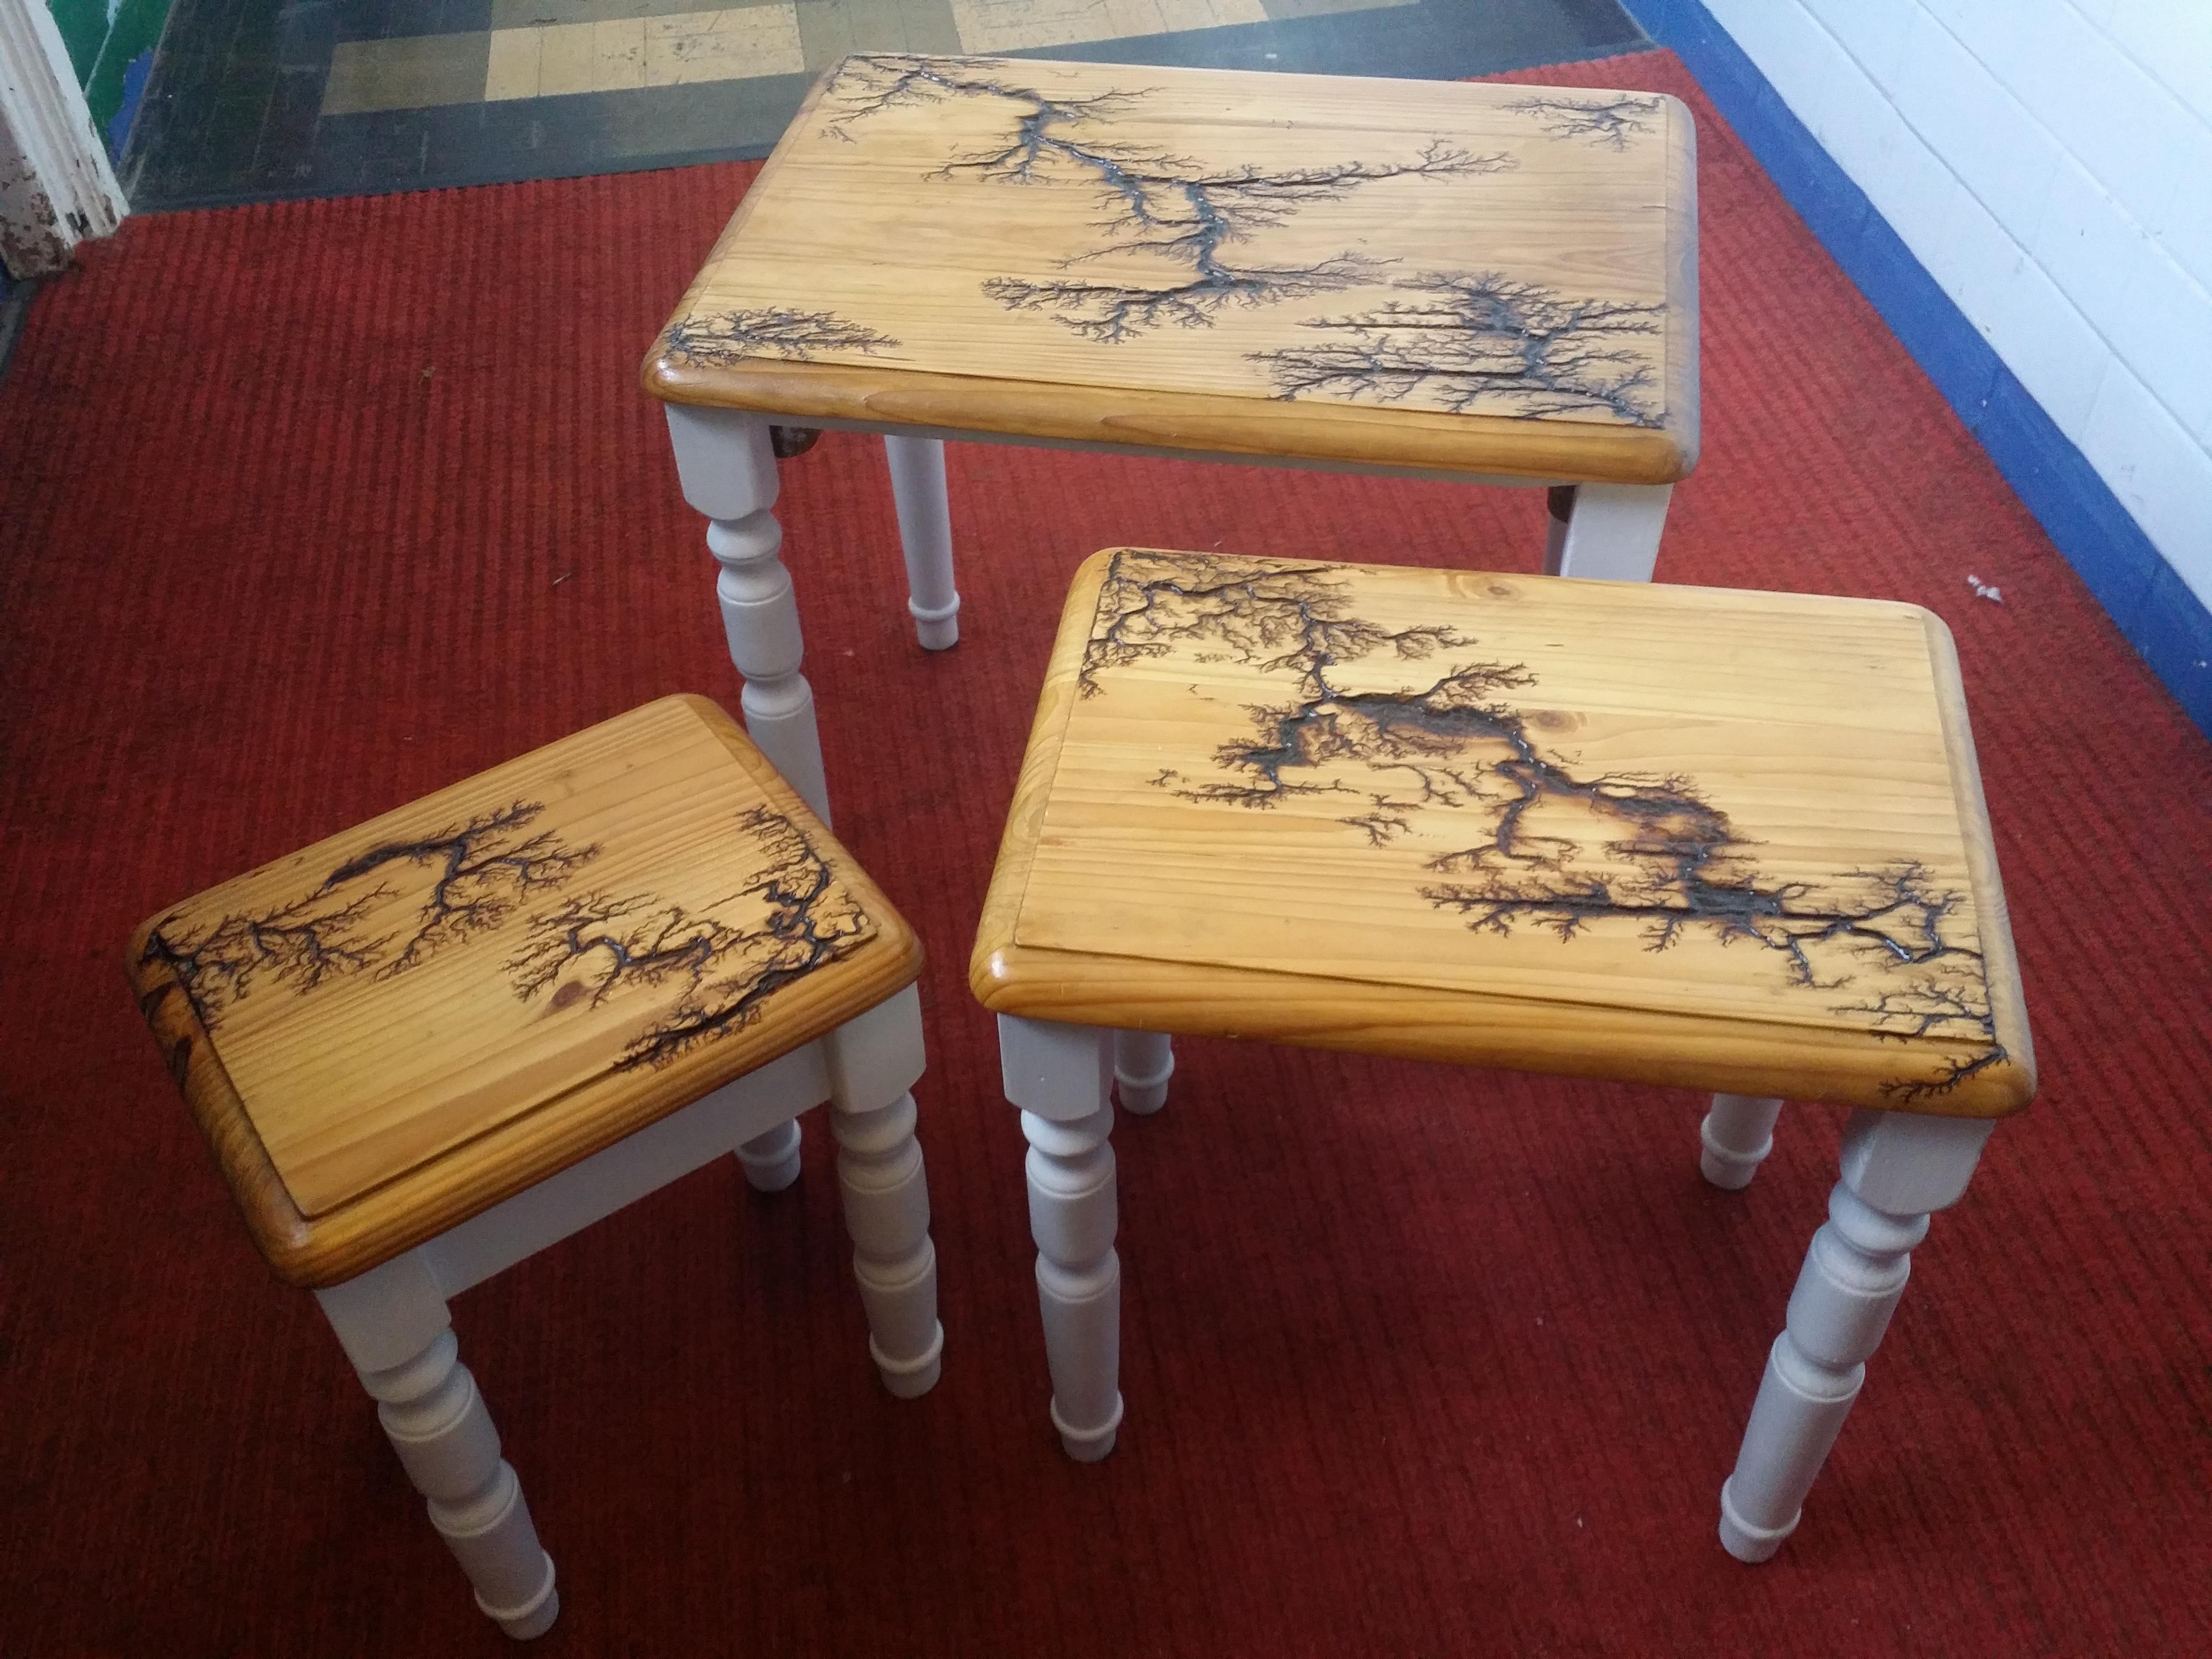 Nest  of tables with fractal burning des